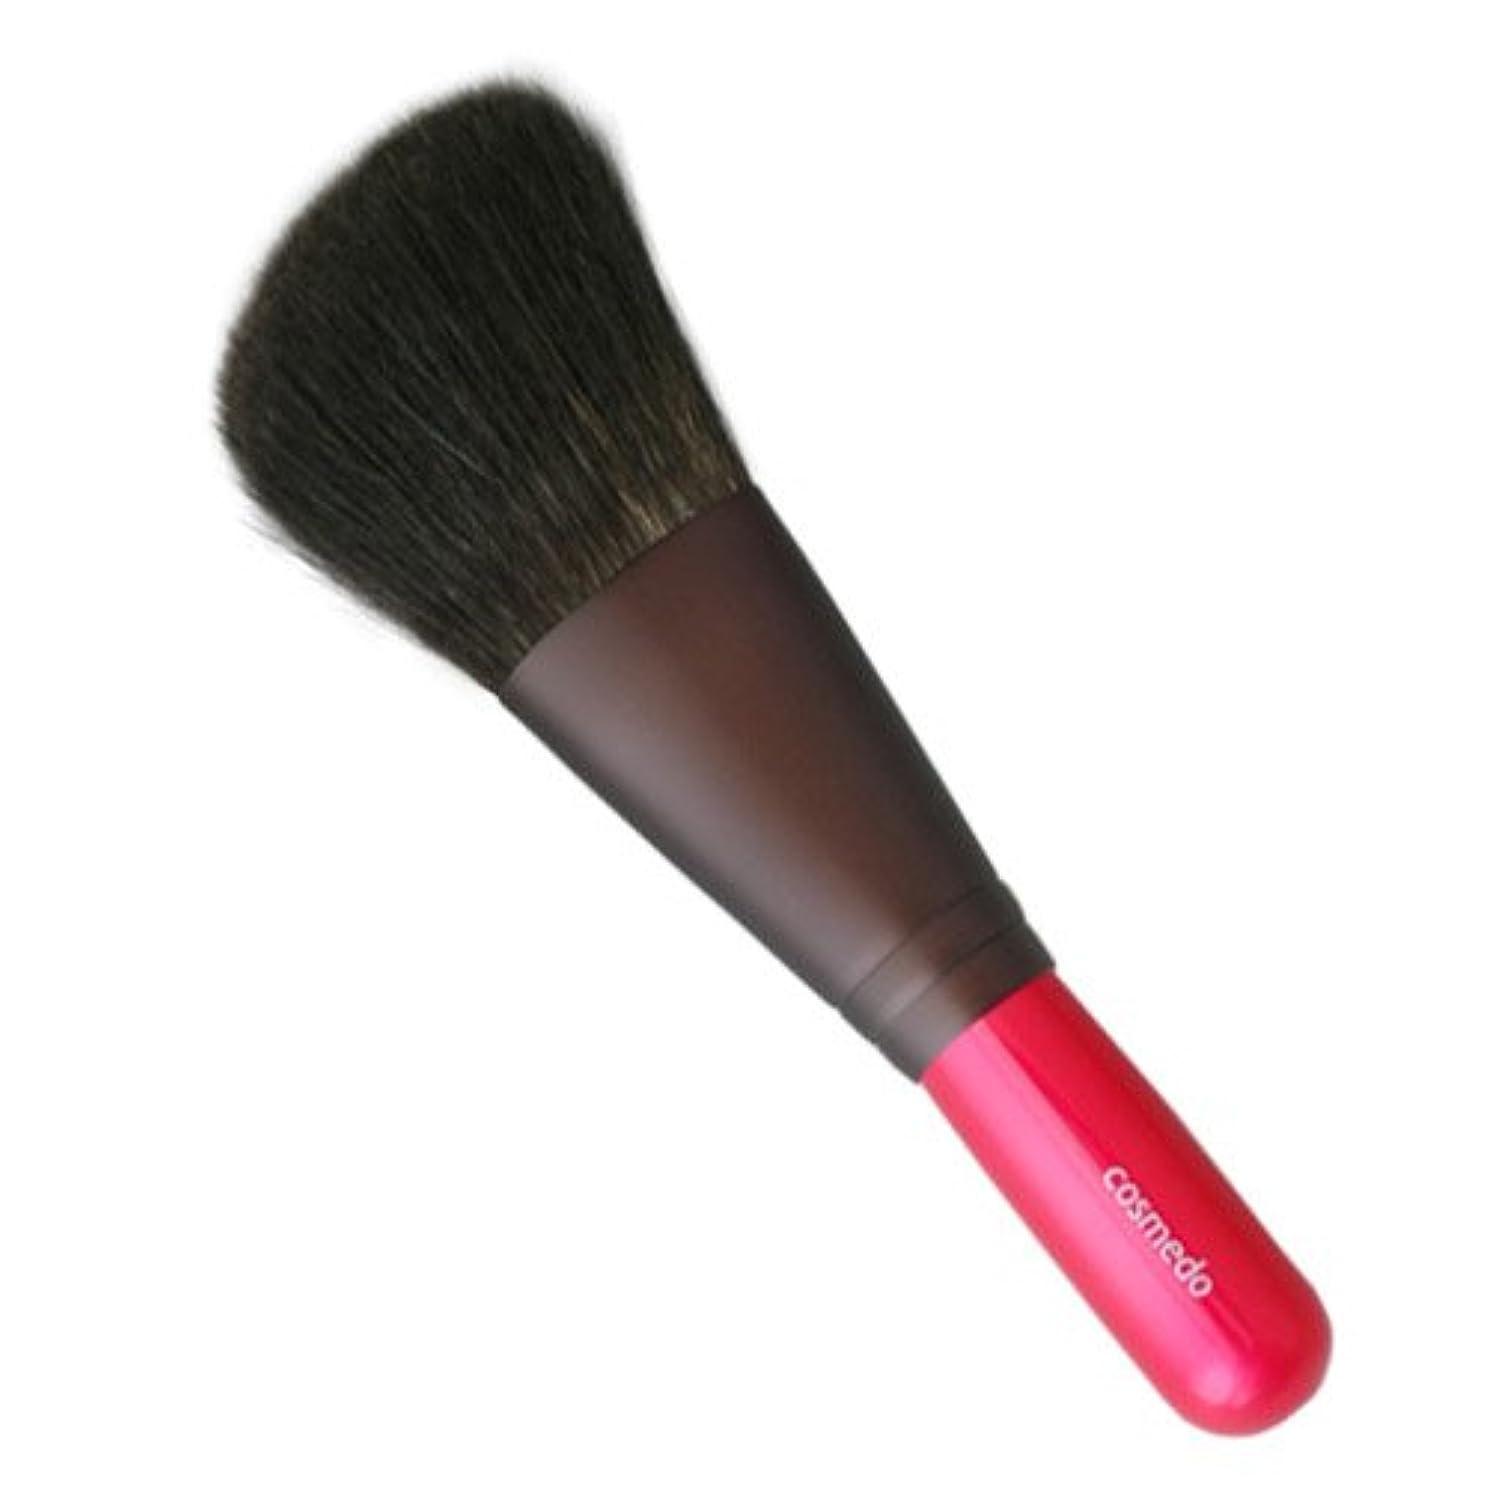 浴申込み人口匠の化粧筆コスメ堂 熊野筆 メイクブラシ 灰リス100% ナナメ フェイスブラシ(パウダーブラシ)日本製 ショートタイプ PK-F01